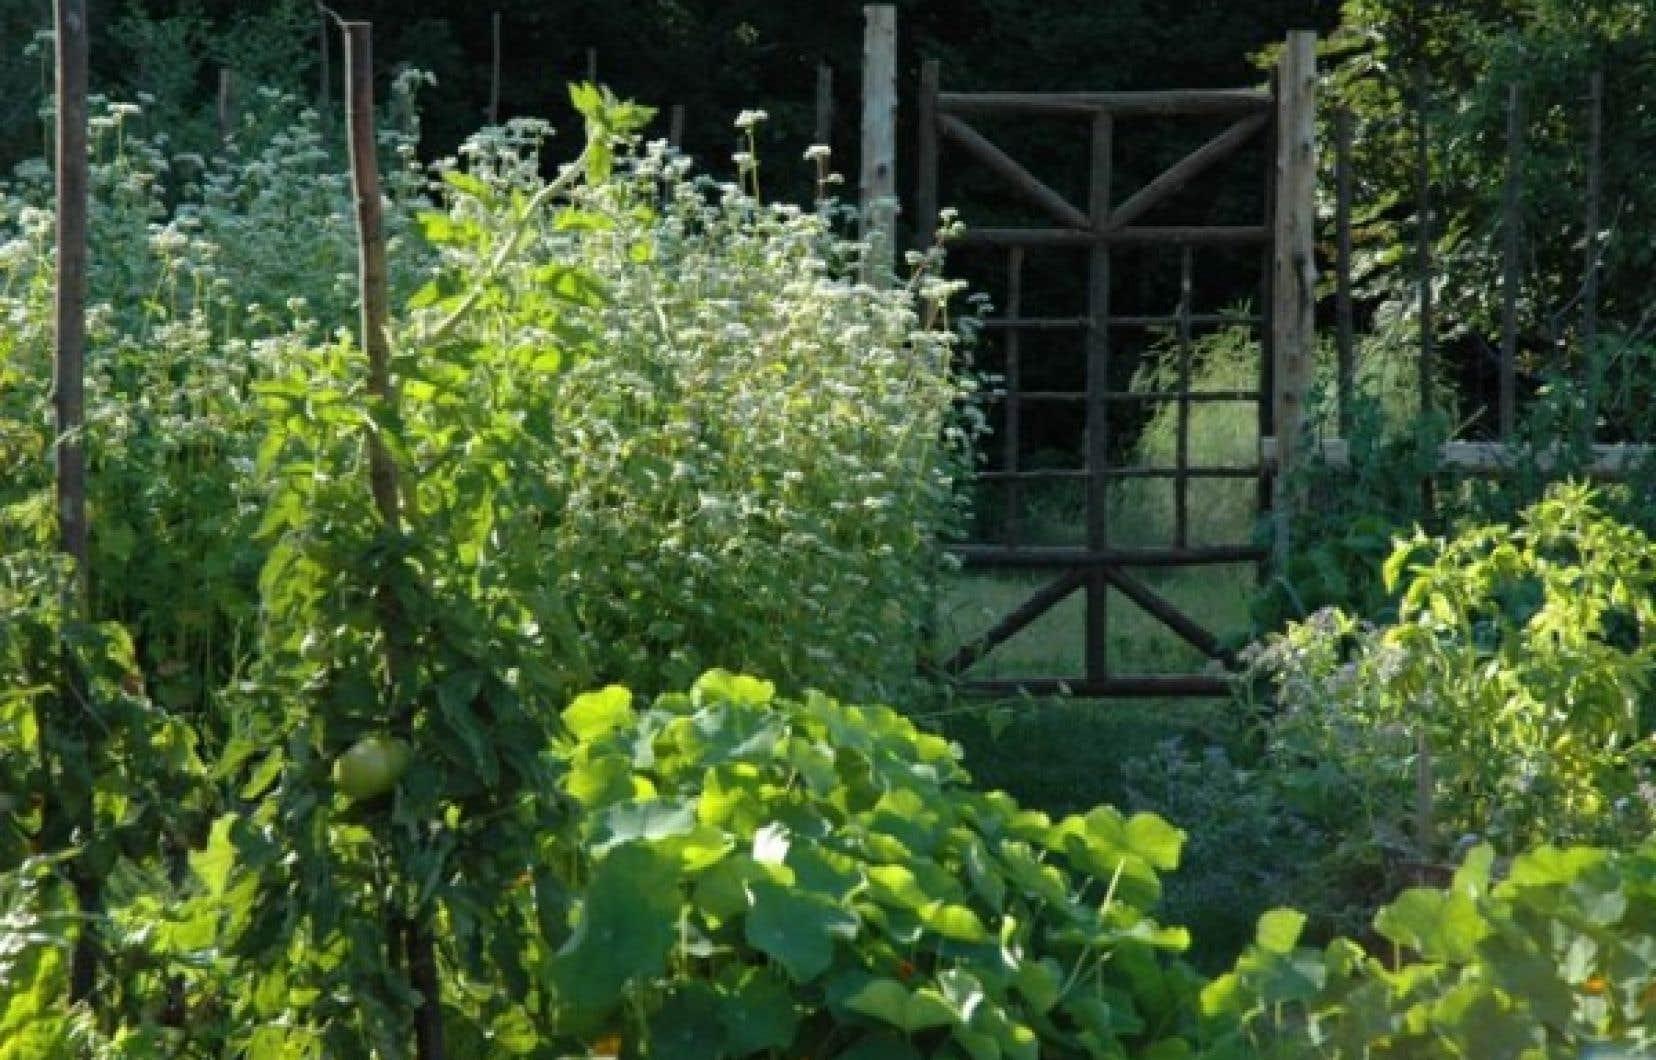 Un sol bien préparé donne de belles récoltes et la clôture anti-chevreuils nous assure d'en profiter!